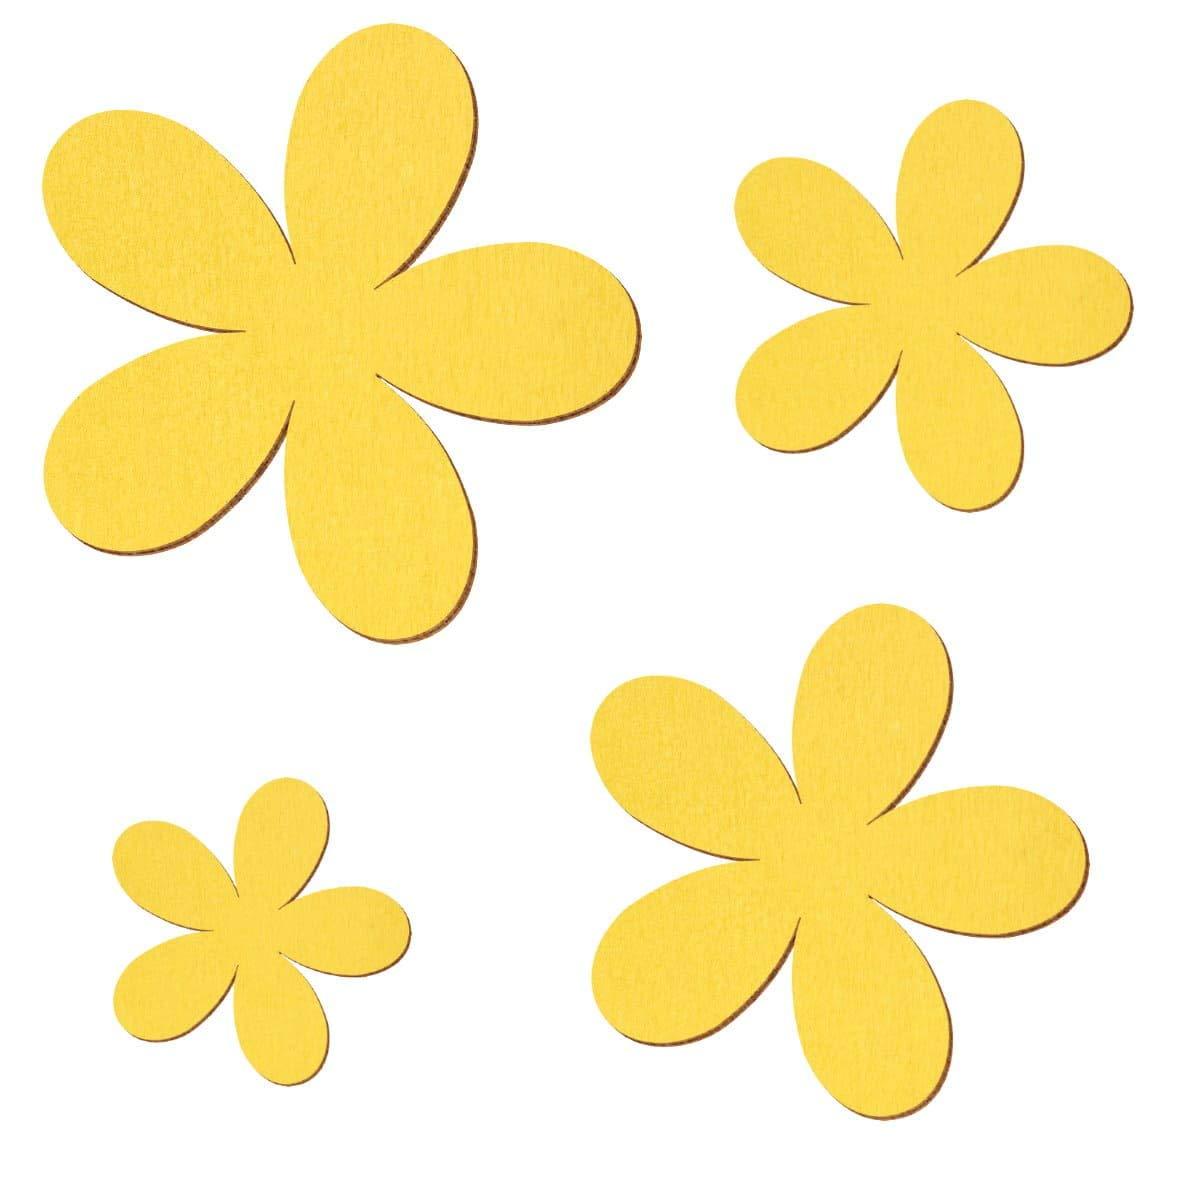 Gelbe Holz Plumeria - 2-10cm Streudeko Basteln Basteln Basteln Deko Tischdeko, Pack mit 100 Stück, Größe 8cm B07NBYRC9B | Die erste Reihe von umfassenden Spezifikationen für Kunden  8f8d34